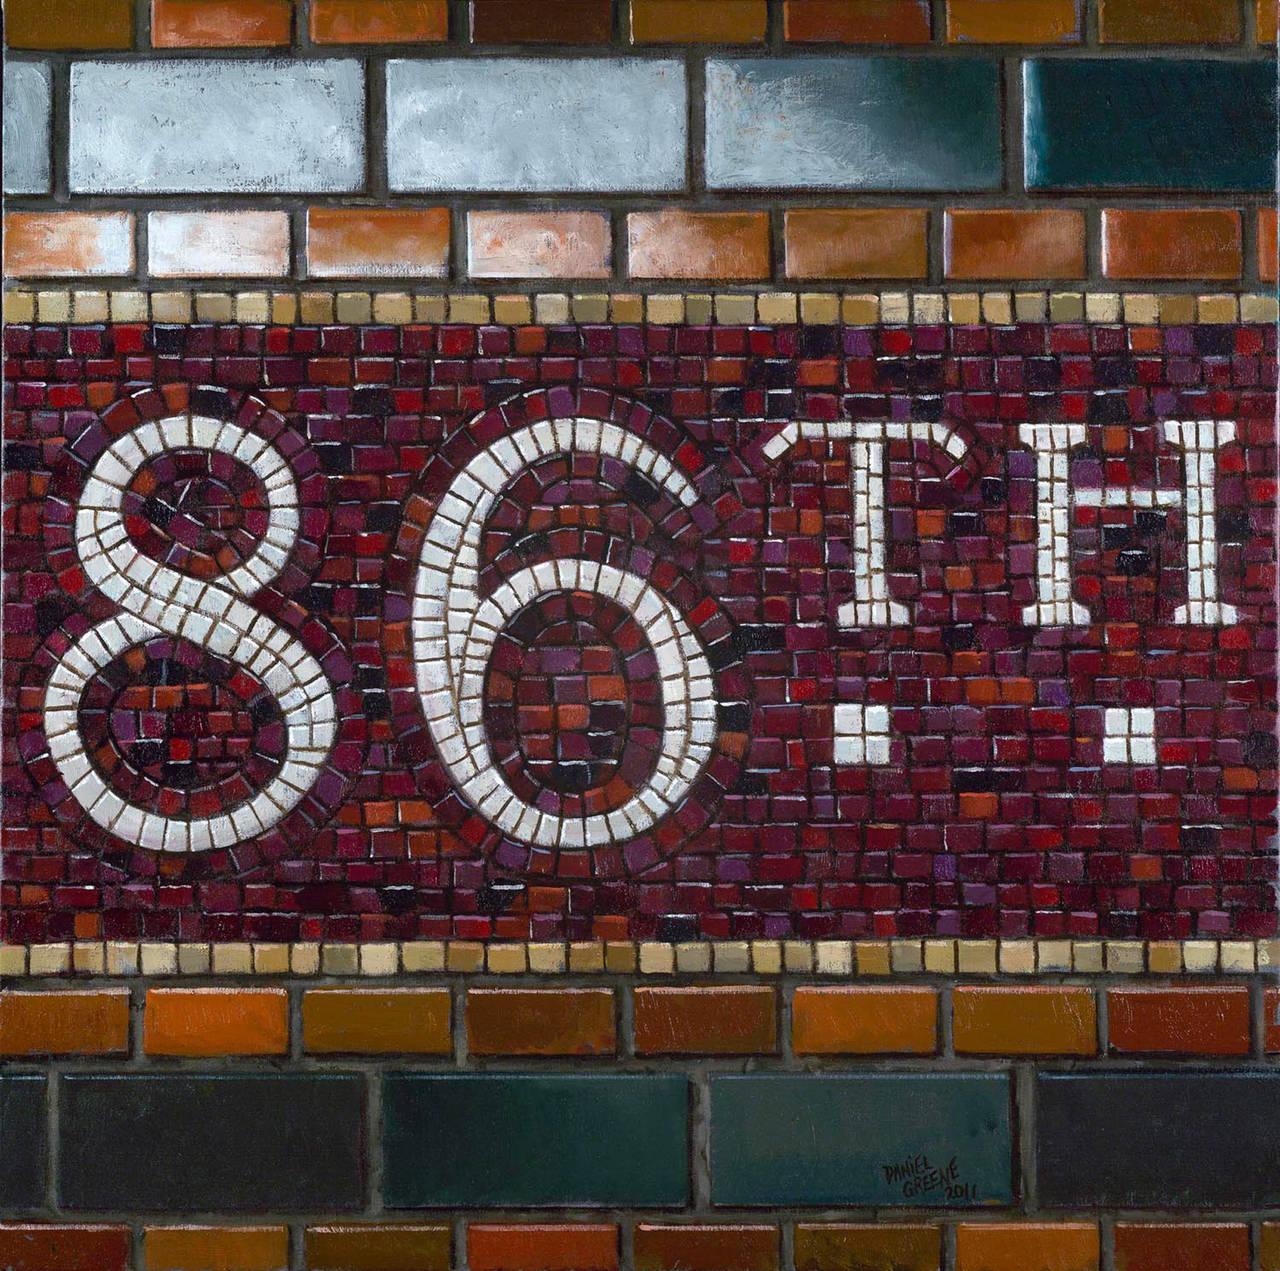 86th St. - Mosaic